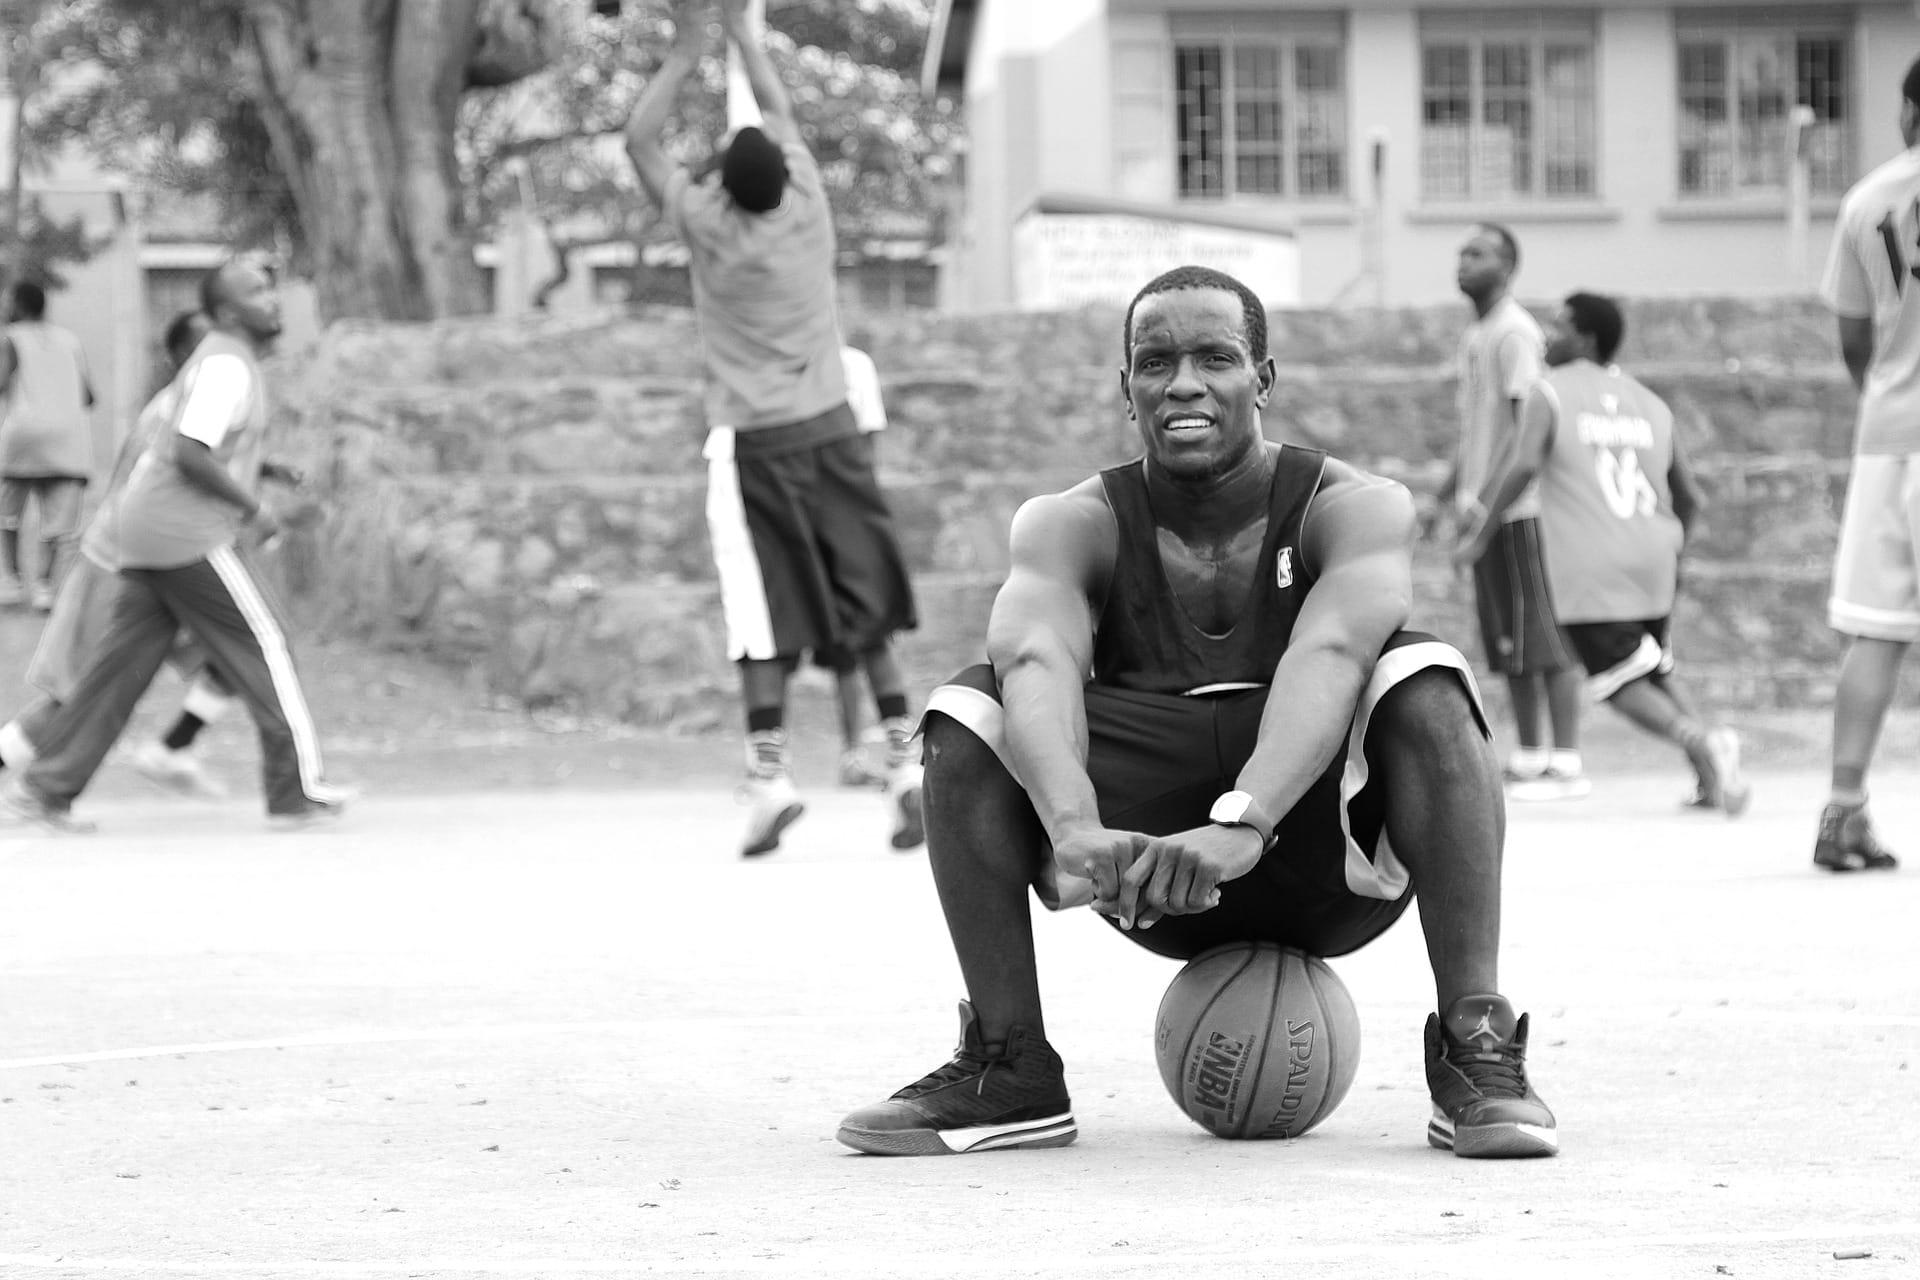 Volontariato Internazionale in Kenya contro la disoccupazione giovanile